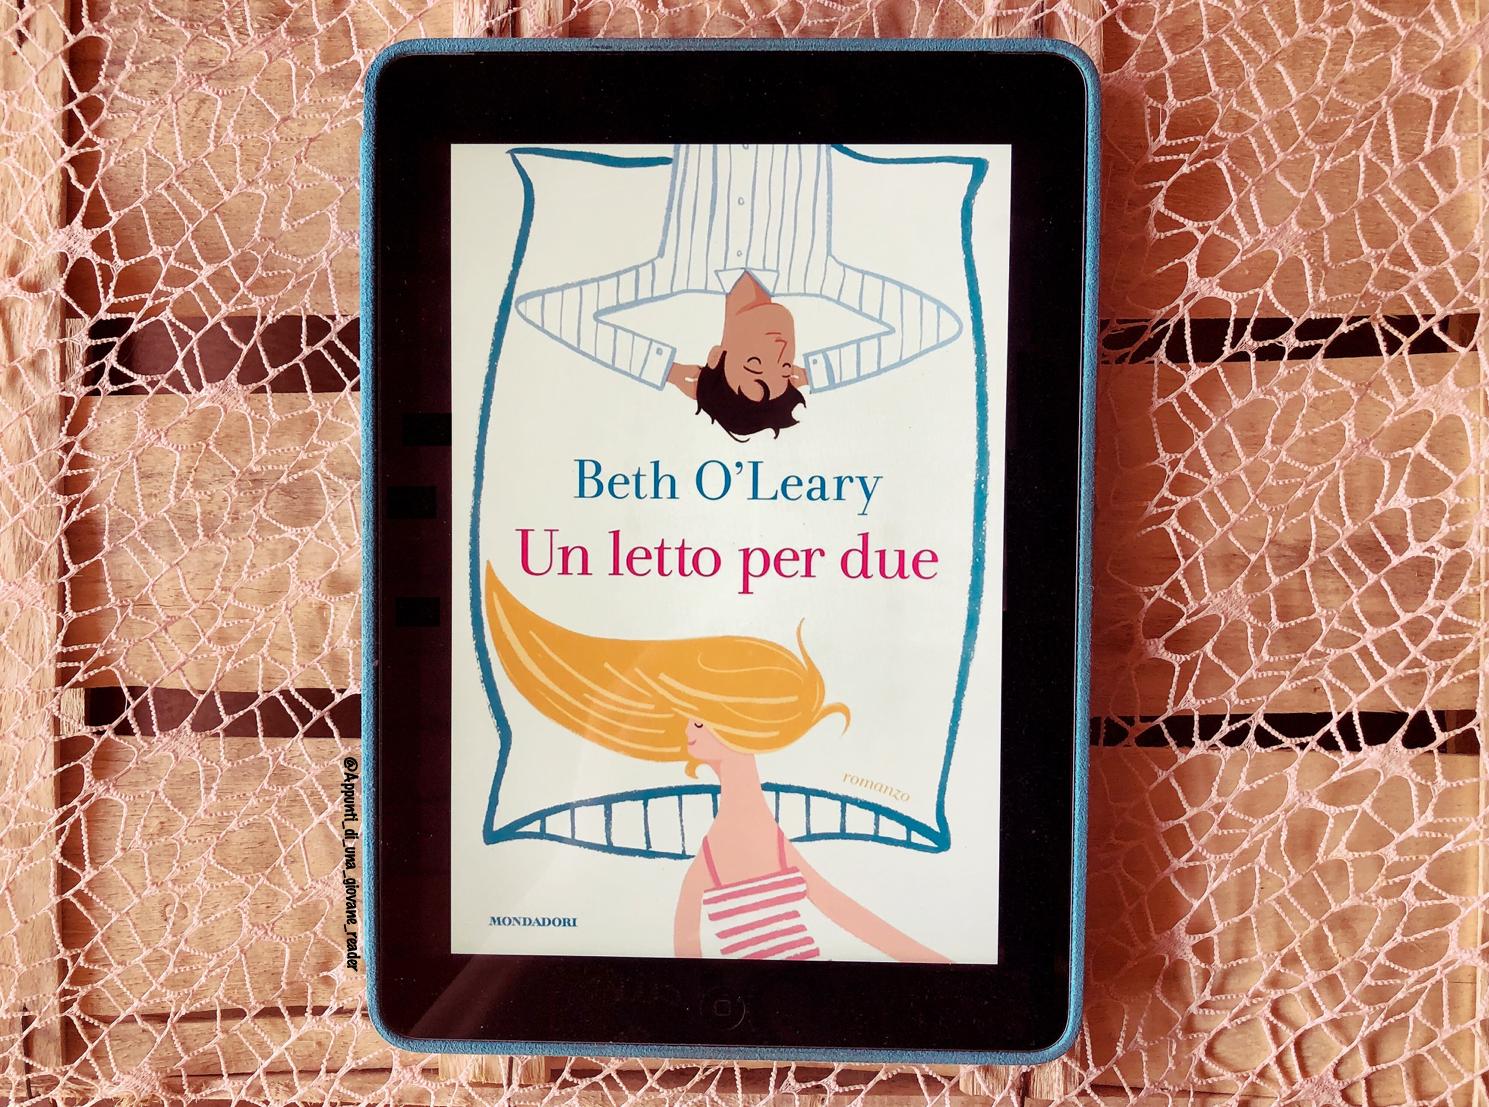 https://appuntidiunagiovanereader.blogspot.com/2019/06/recensione-un-letto-per-due-di-beth.html